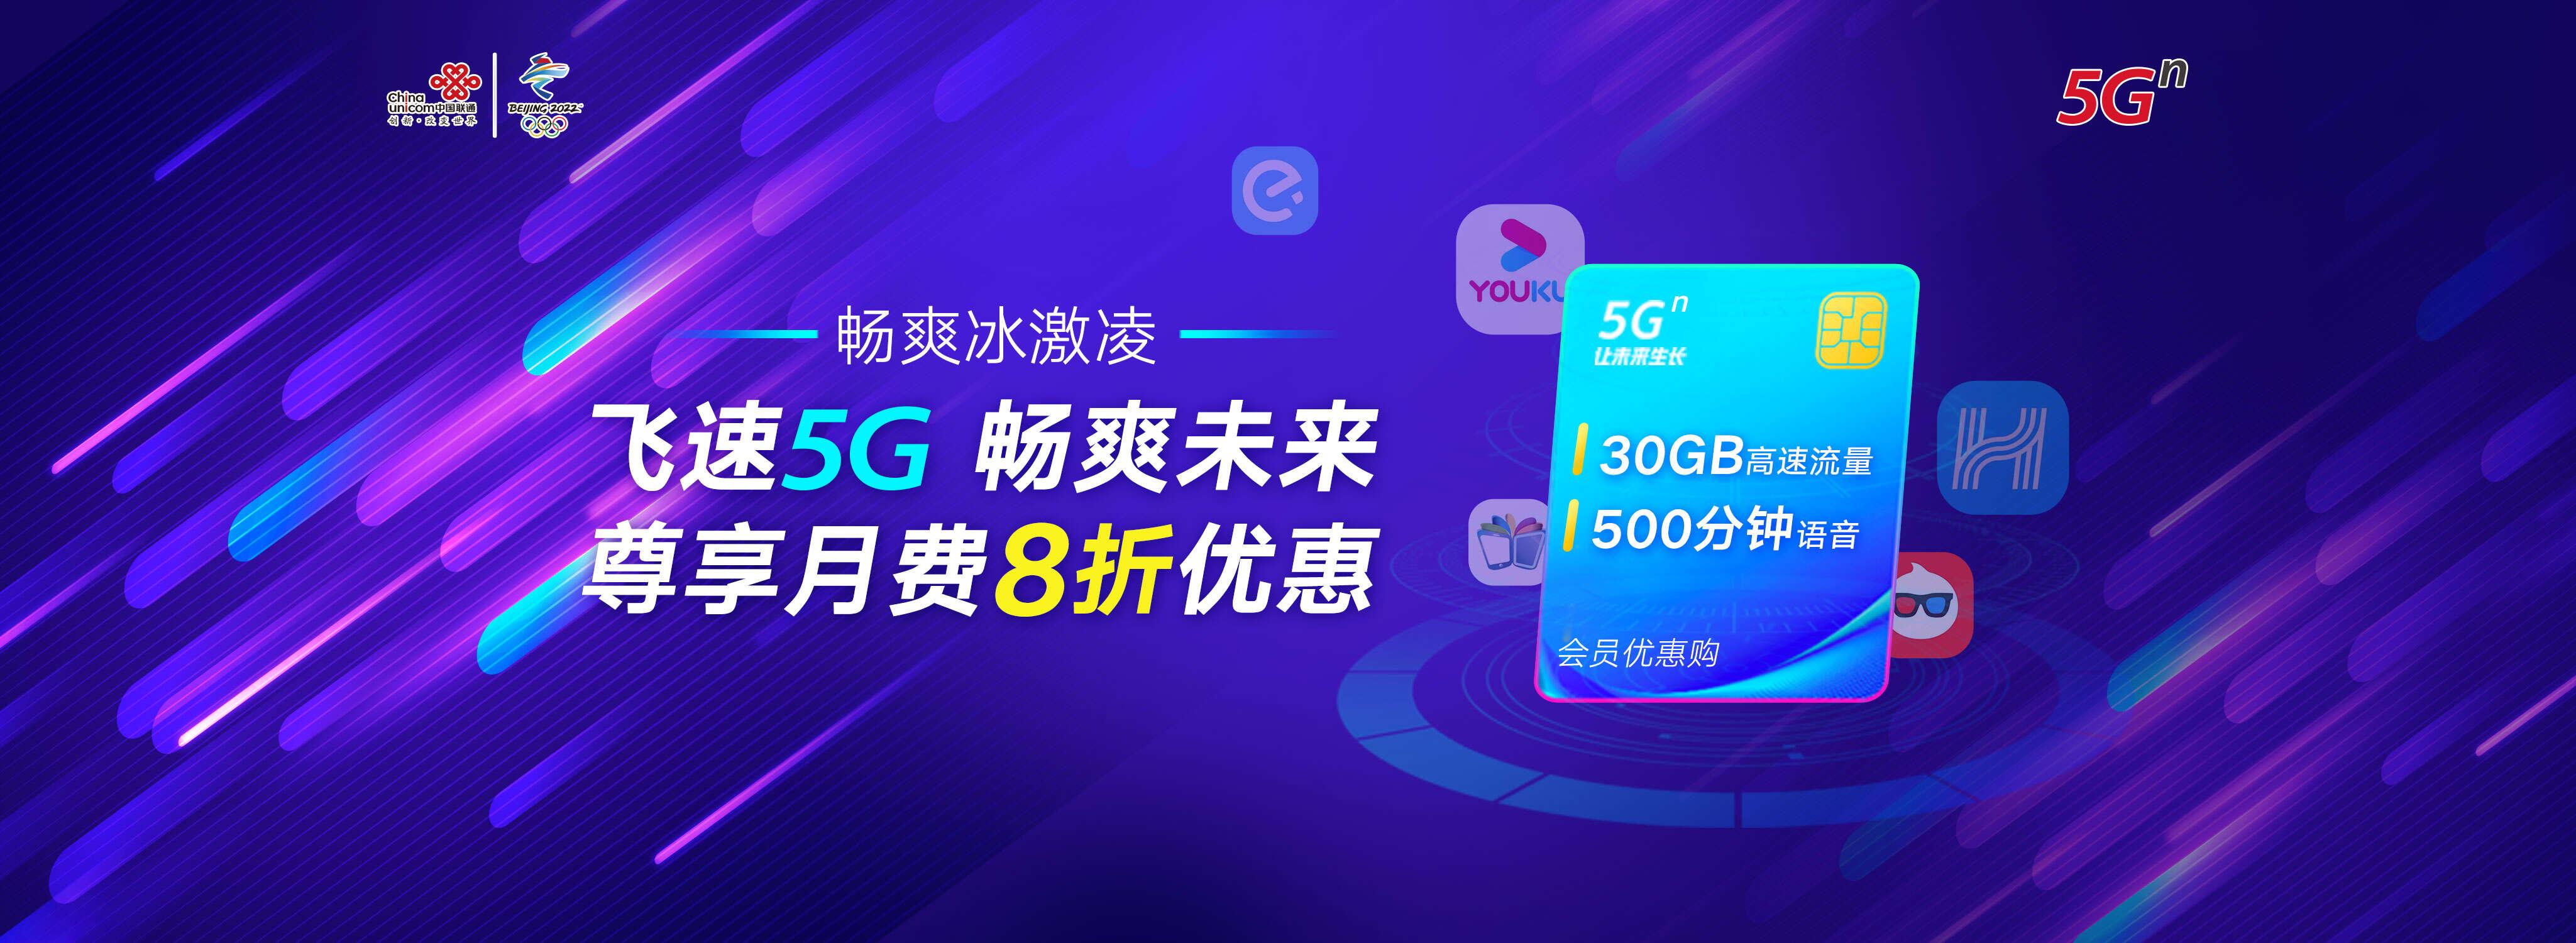 5G冰激凌